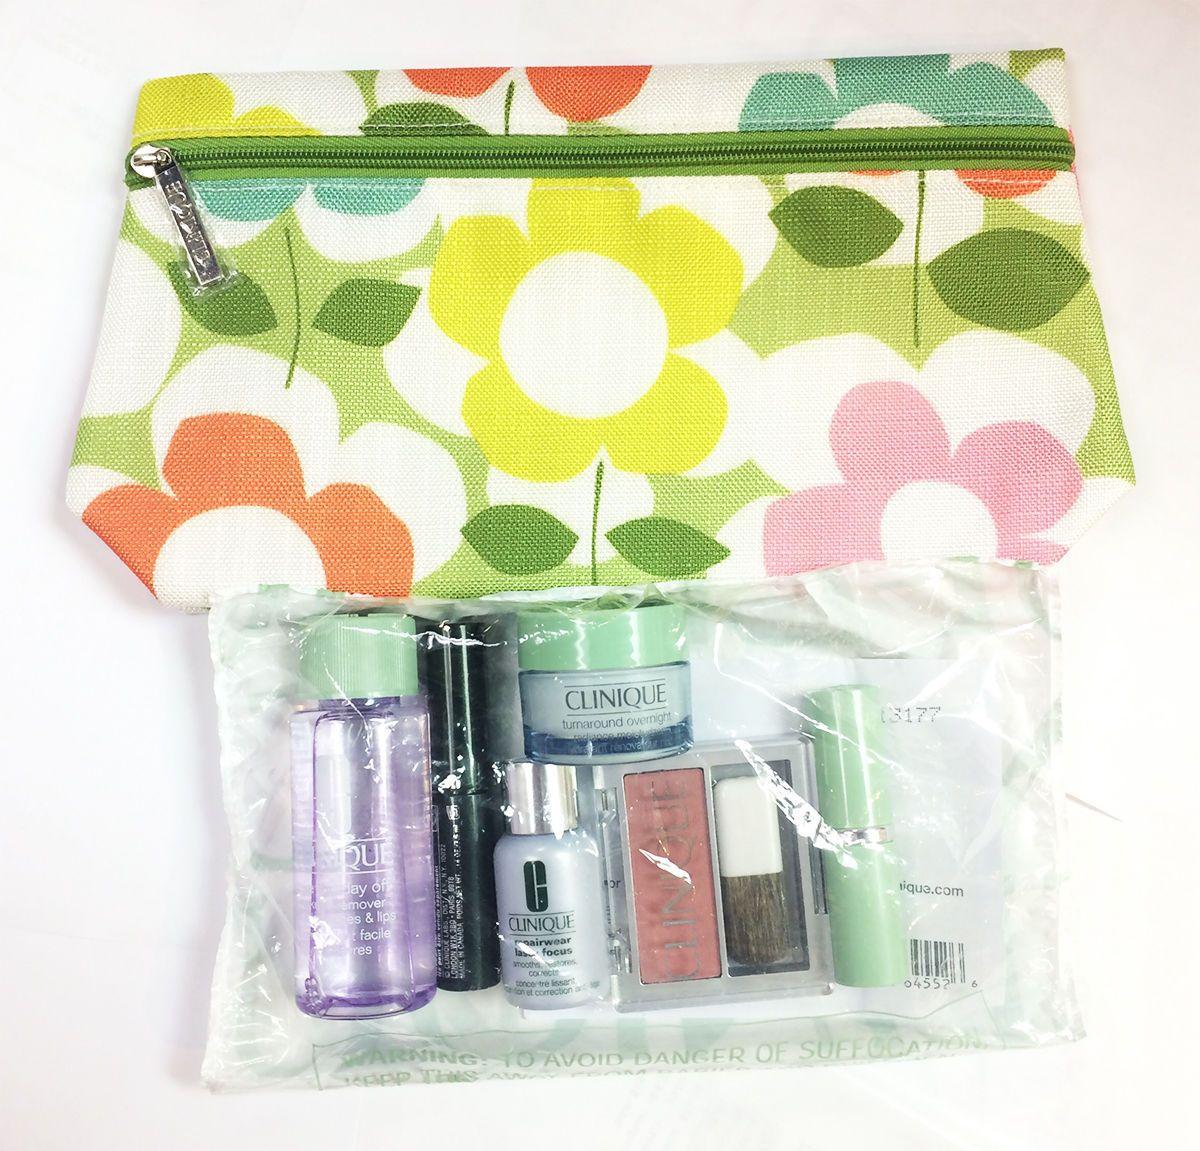 SALE NEW CLINIQUE 7pc Bonus Gift Set w/flowers bag! SALE